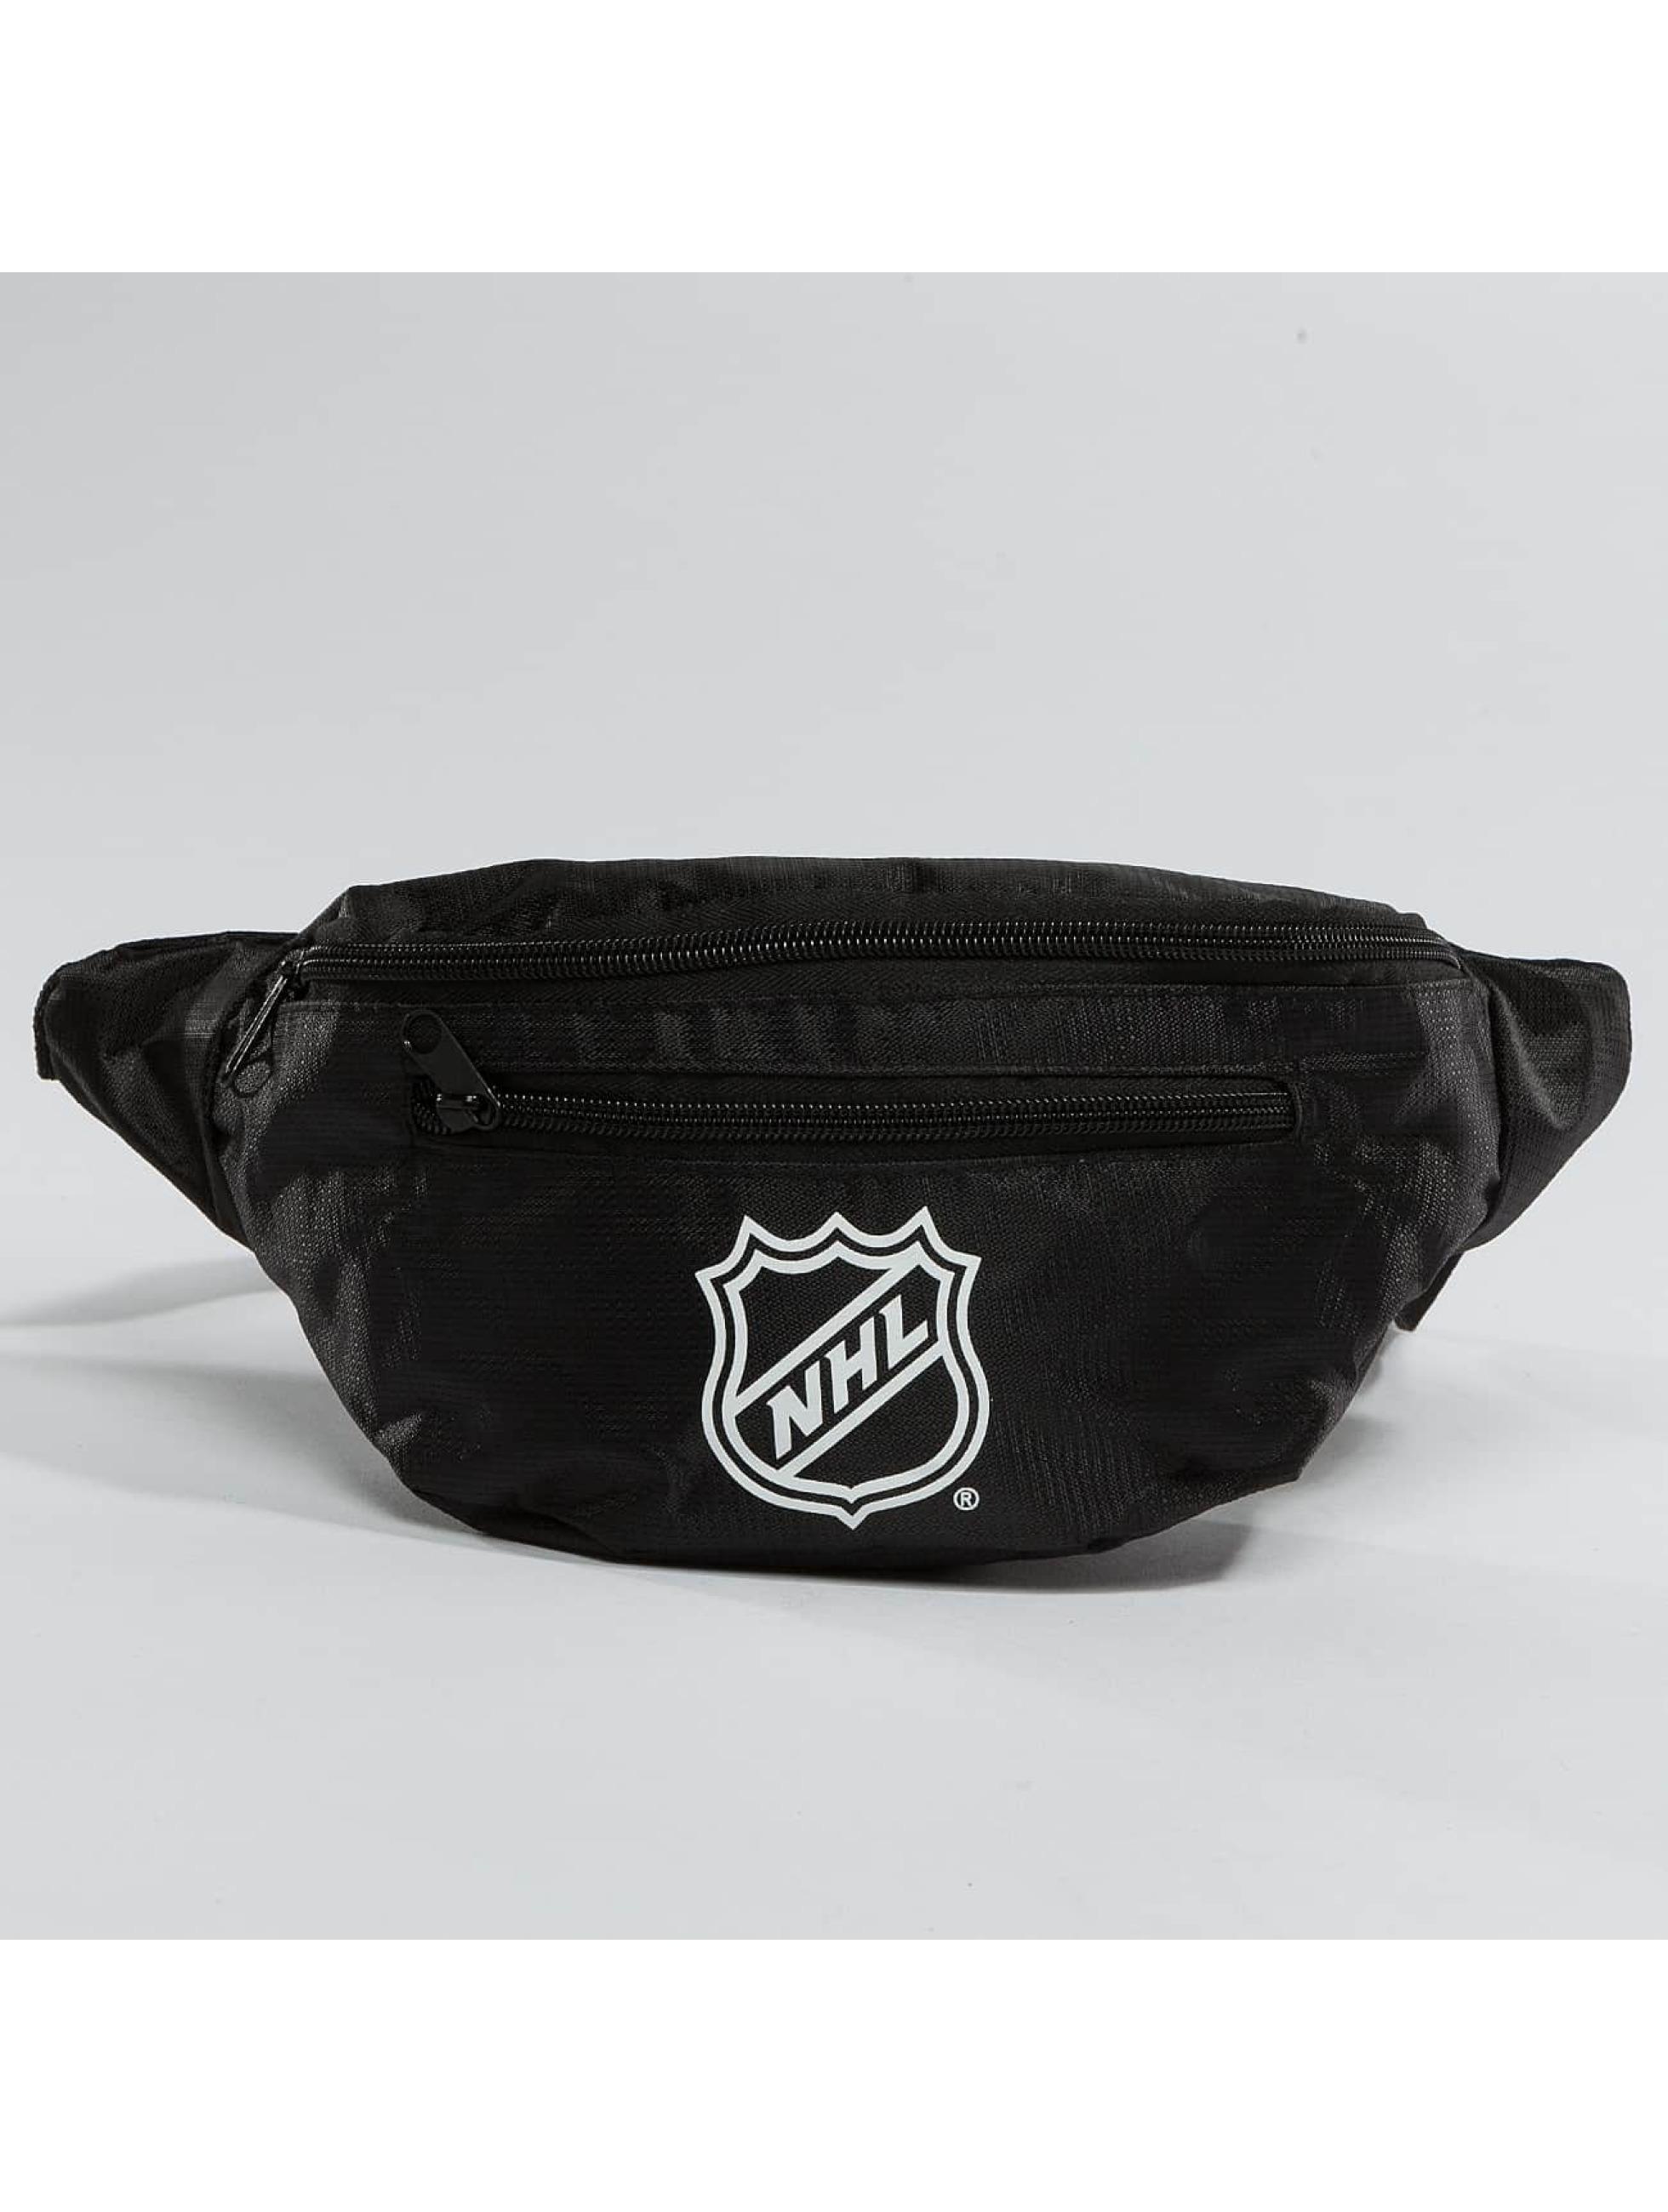 Forever Collectibles Männer,Frauen Tasche NHL Logo in schwarz